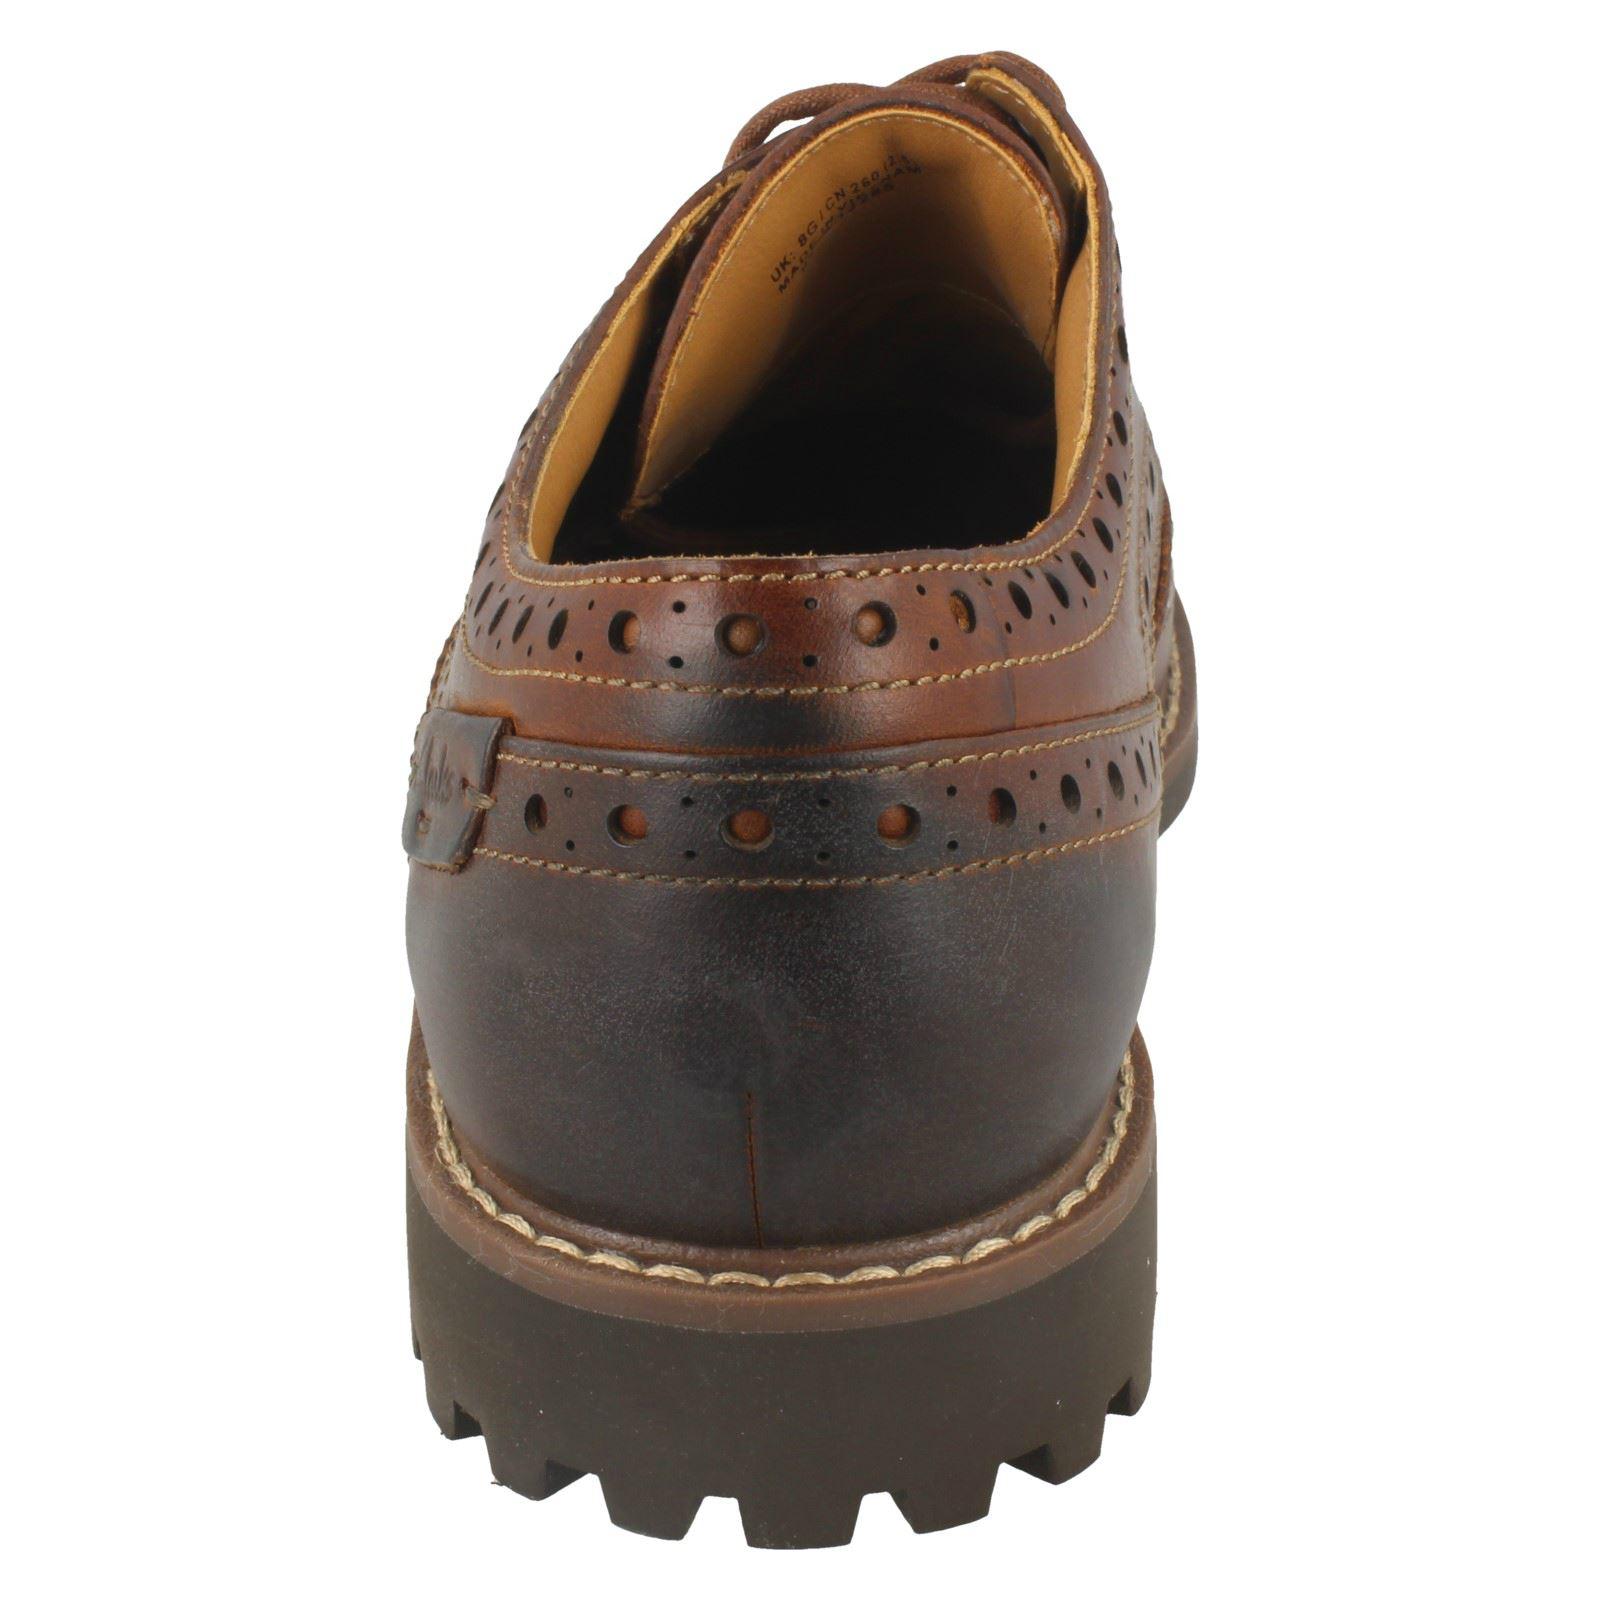 Wing Dark Zapatos para formales Tan Clarks Brogue Montacute marrón hombre rnFrOqx